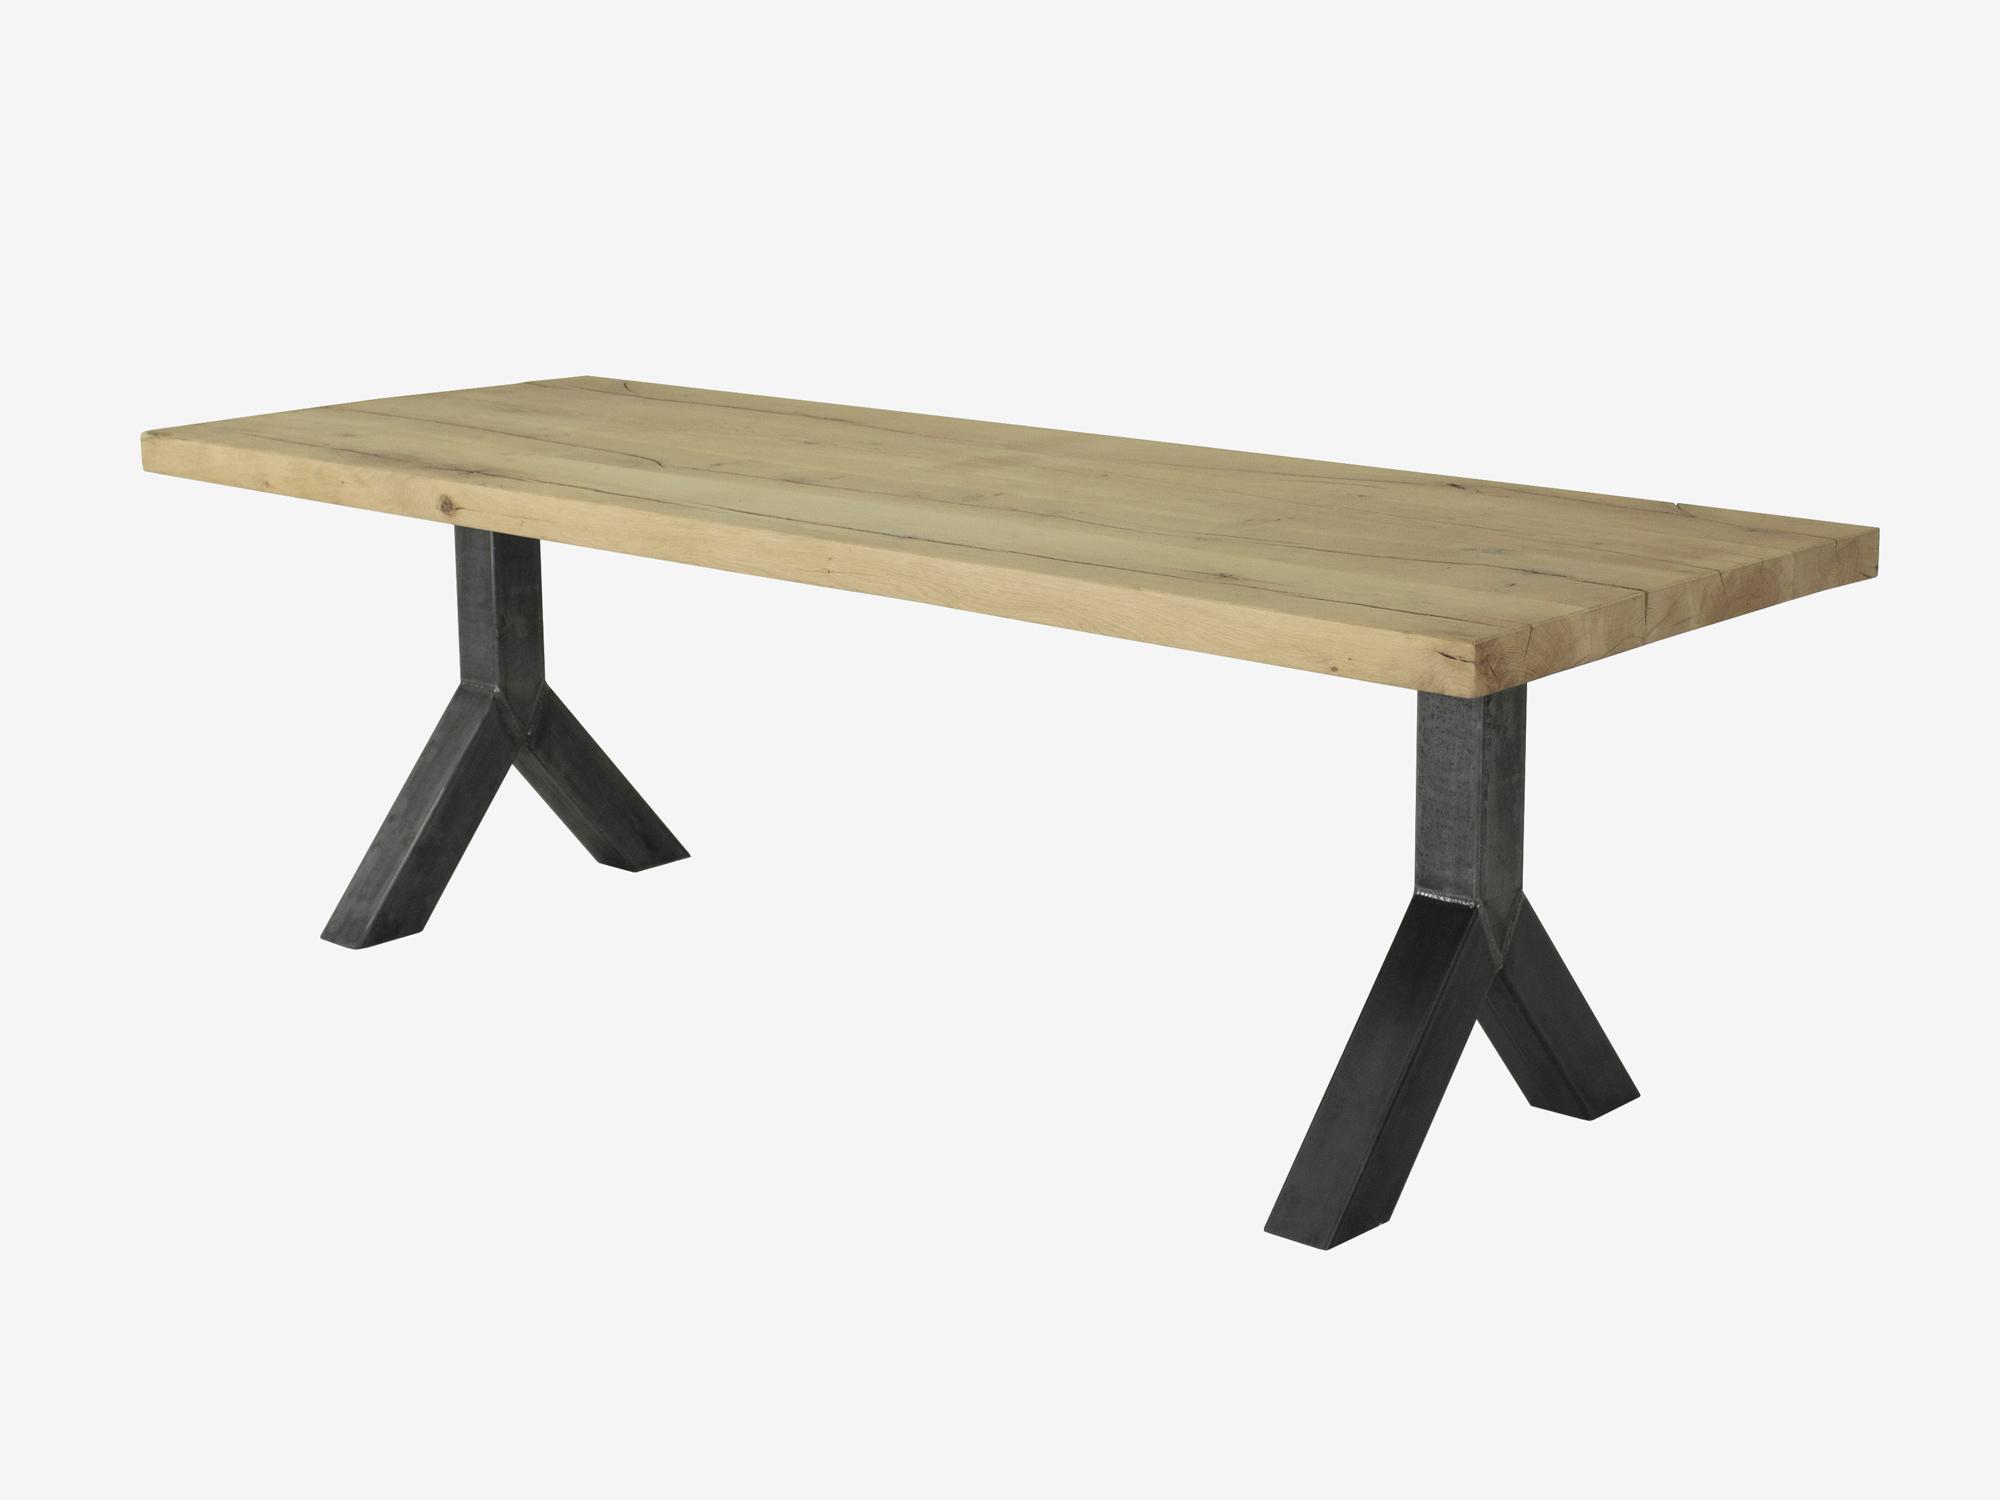 Eettafel yannieck eikenhout robuust fØrn maatwerk meubelen